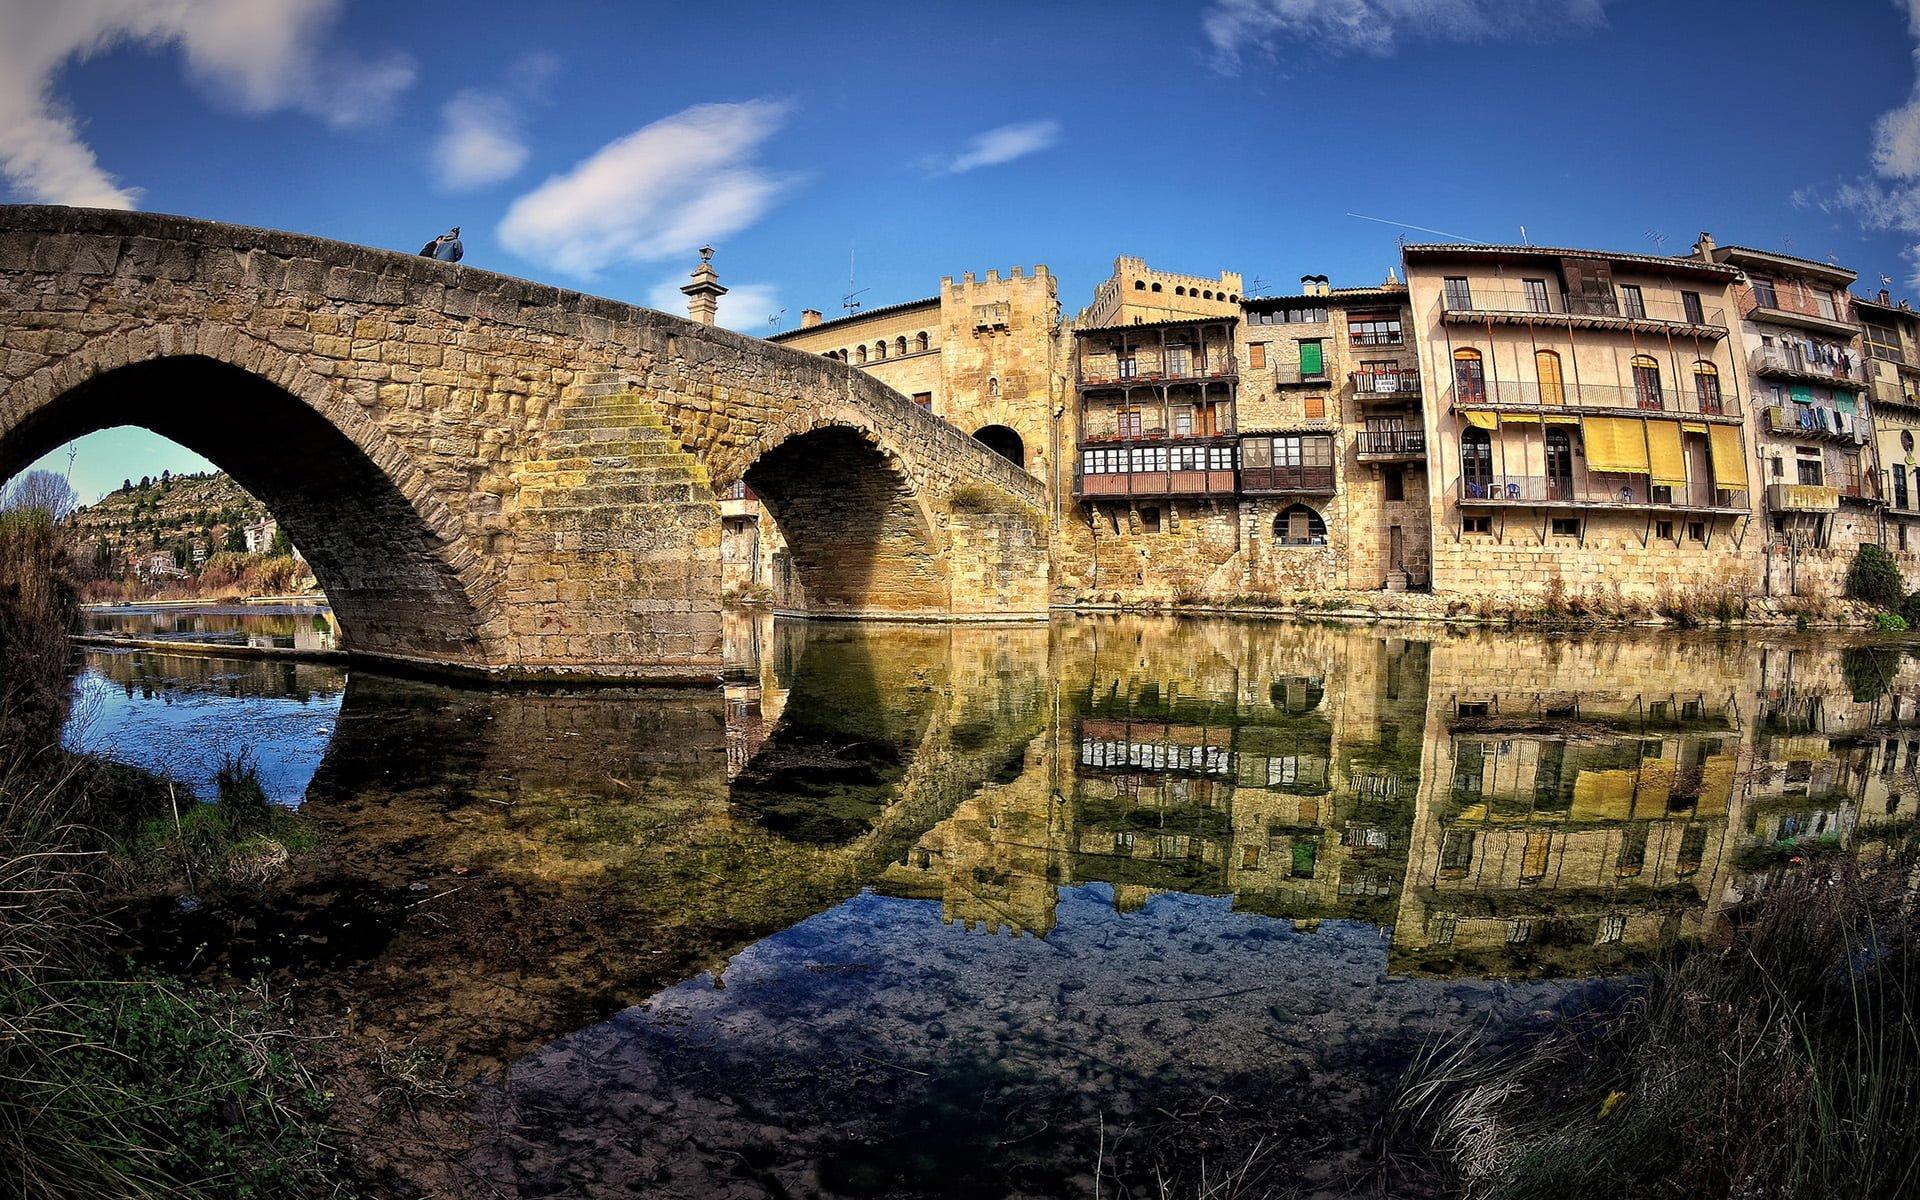 taş köprü ve nehir